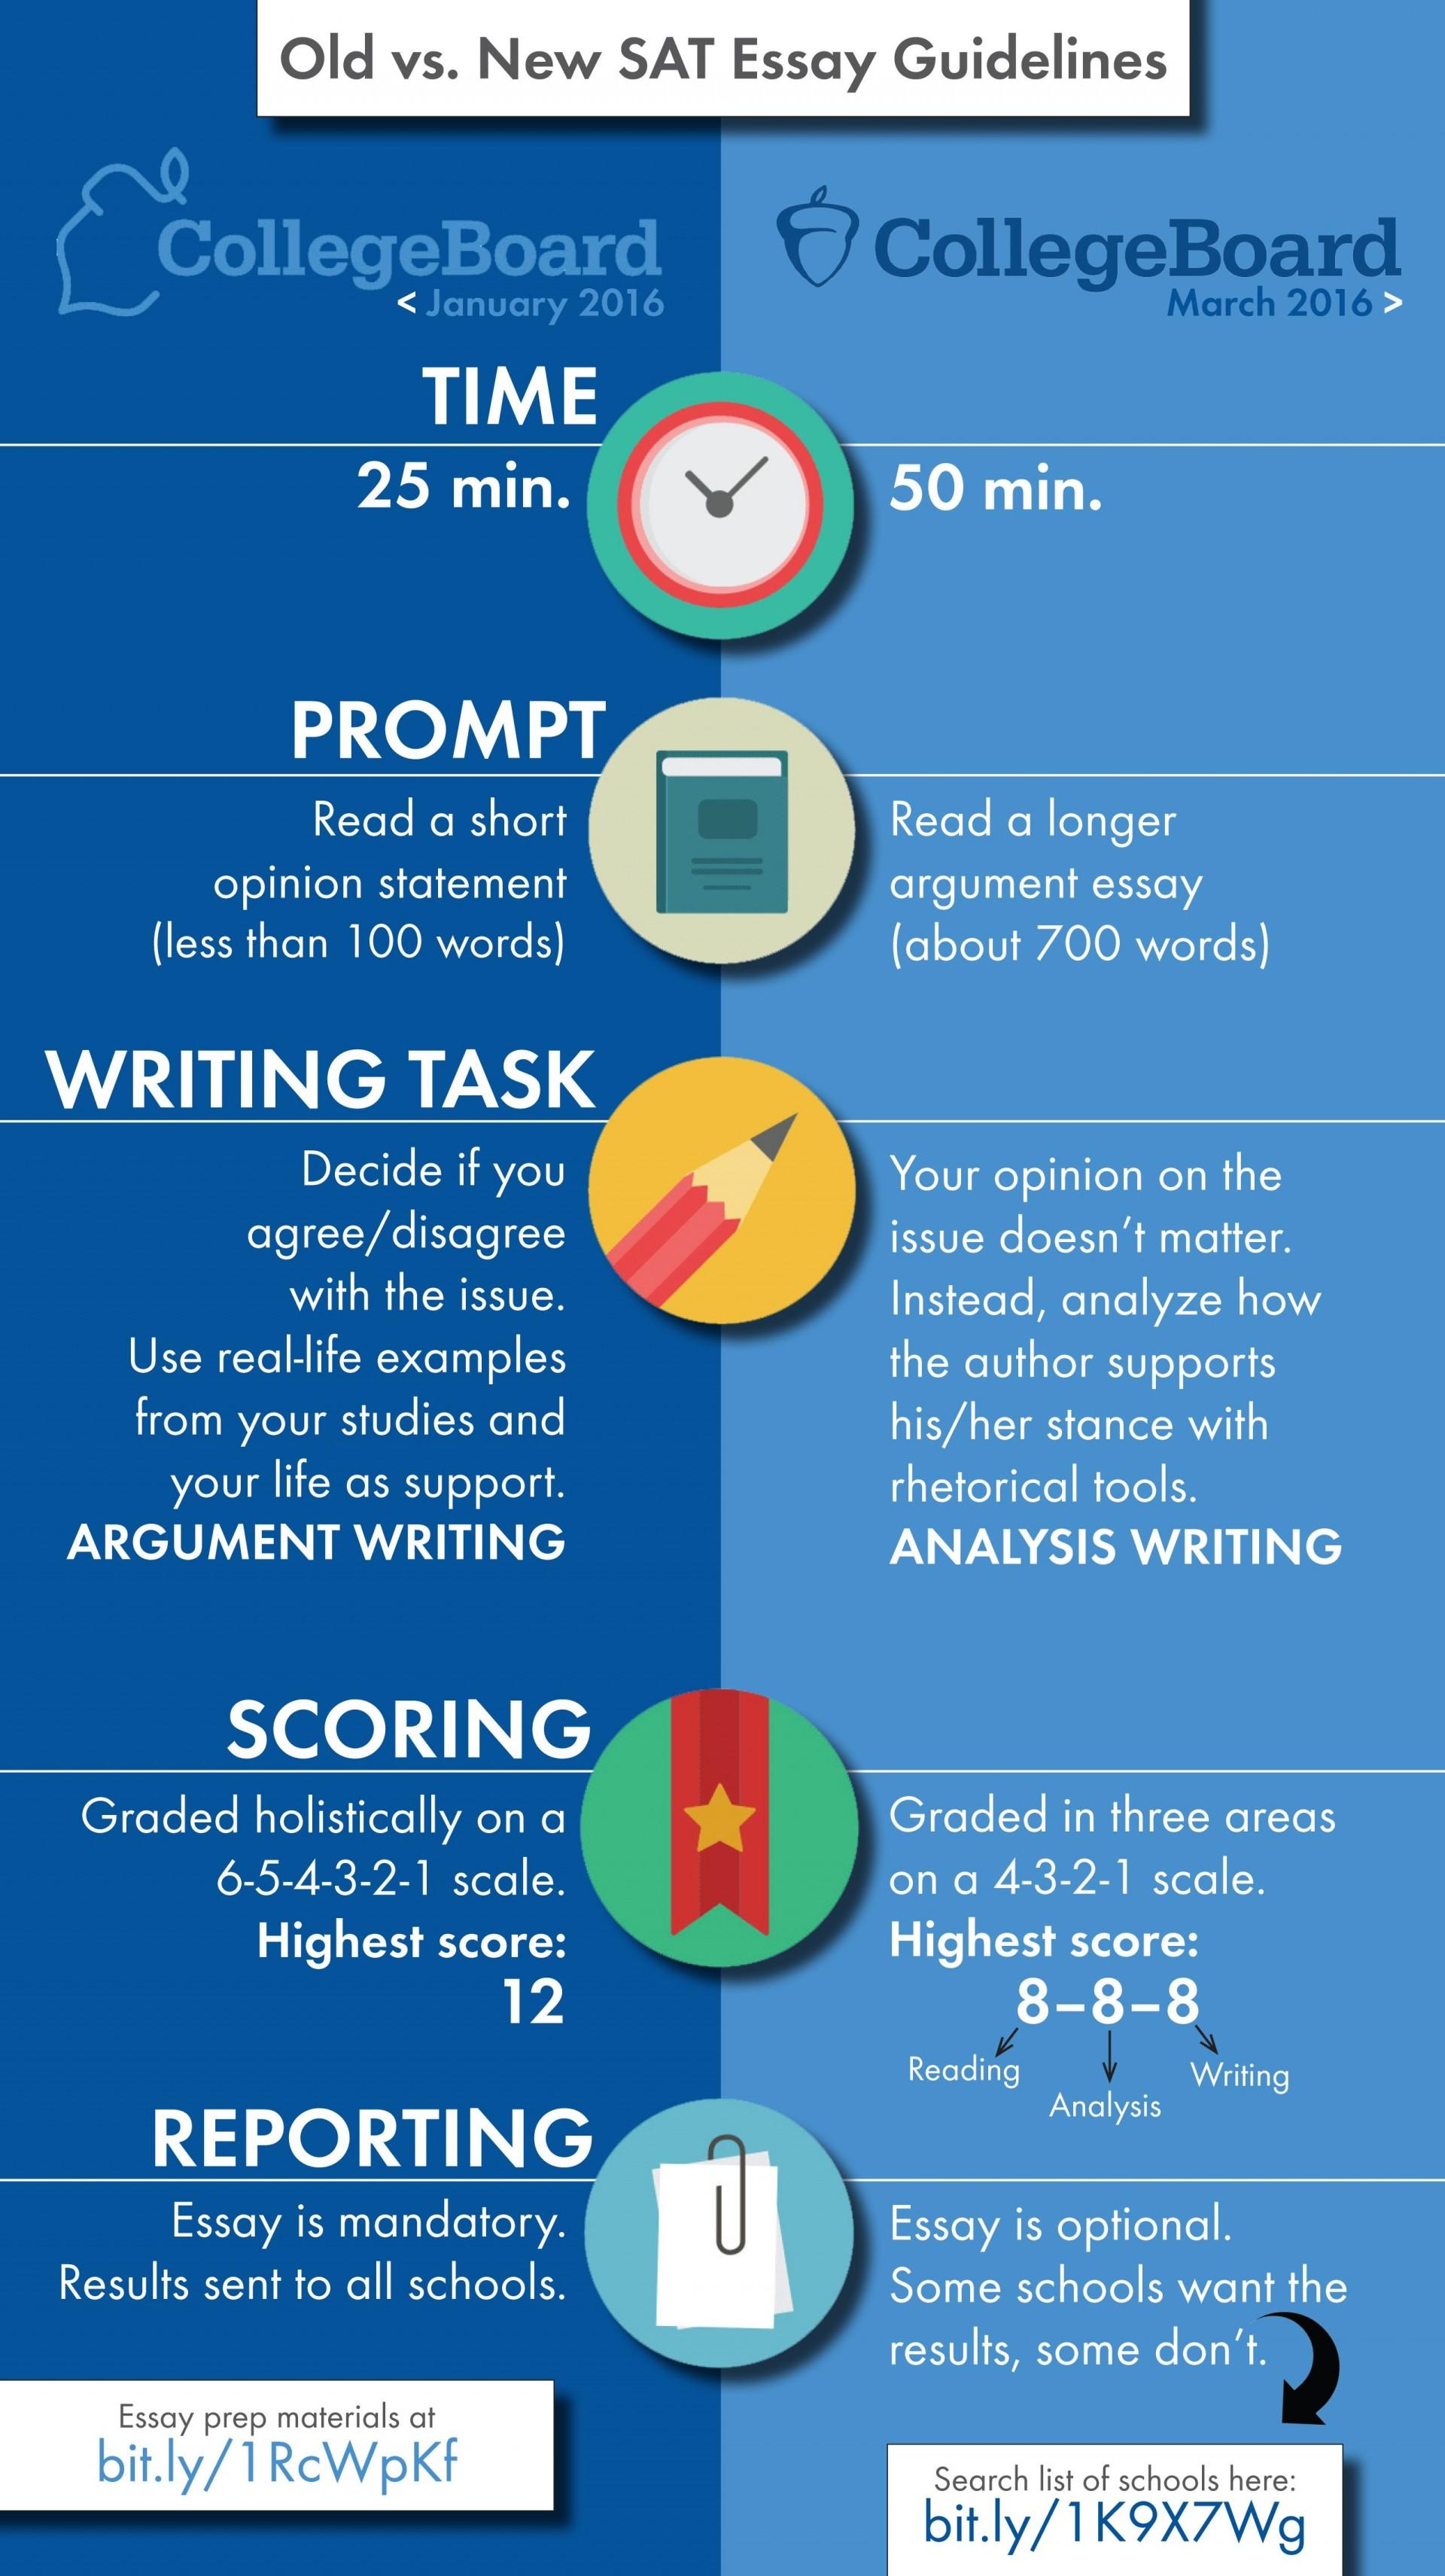 018 Tips For Sat Essay Wondrous Techniques Persuasive Strategy 1920